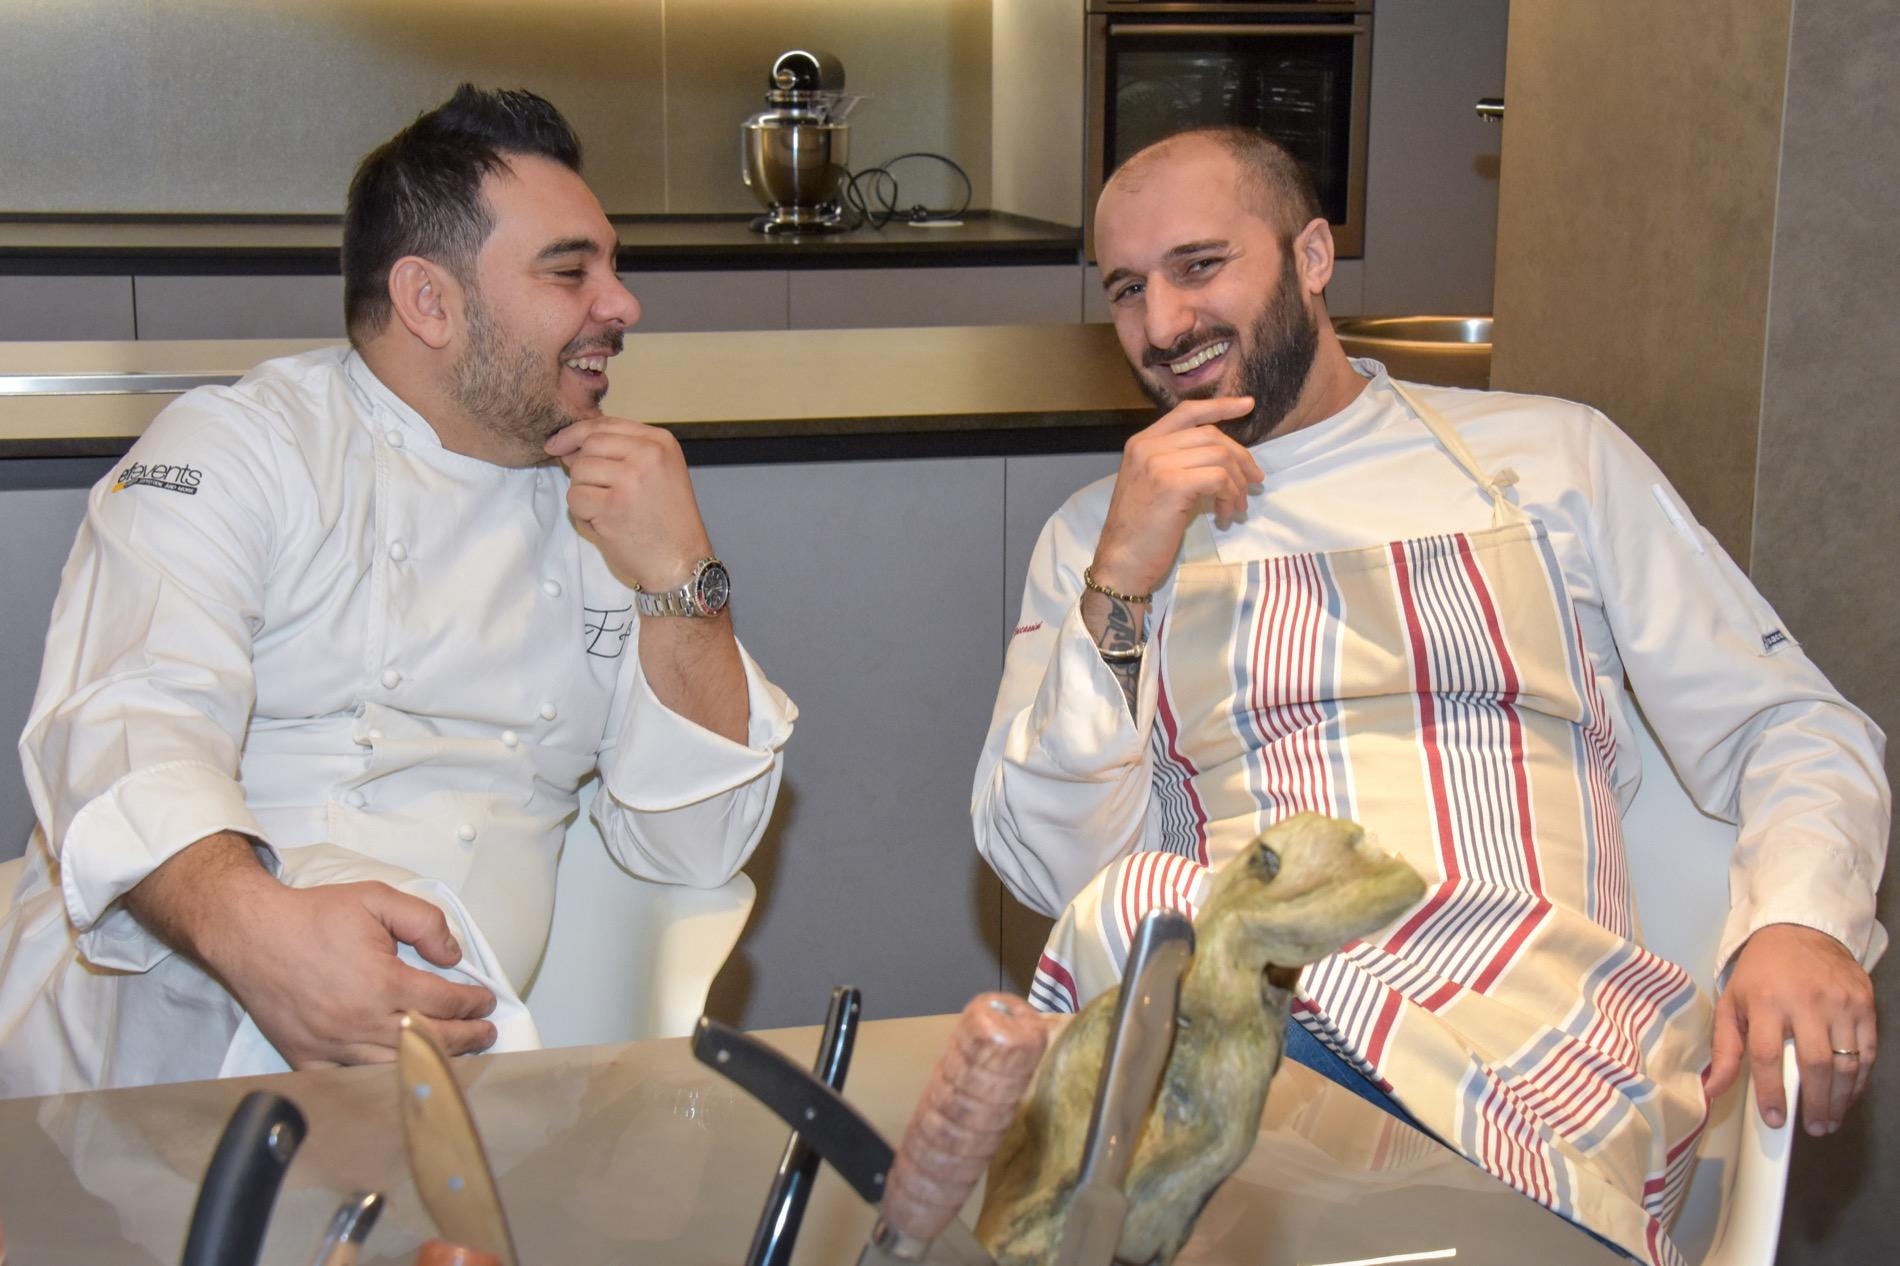 Le Memorie di Felix Lo Basso a Trani. Il nuovo progetto dello chef nella sua Puglia